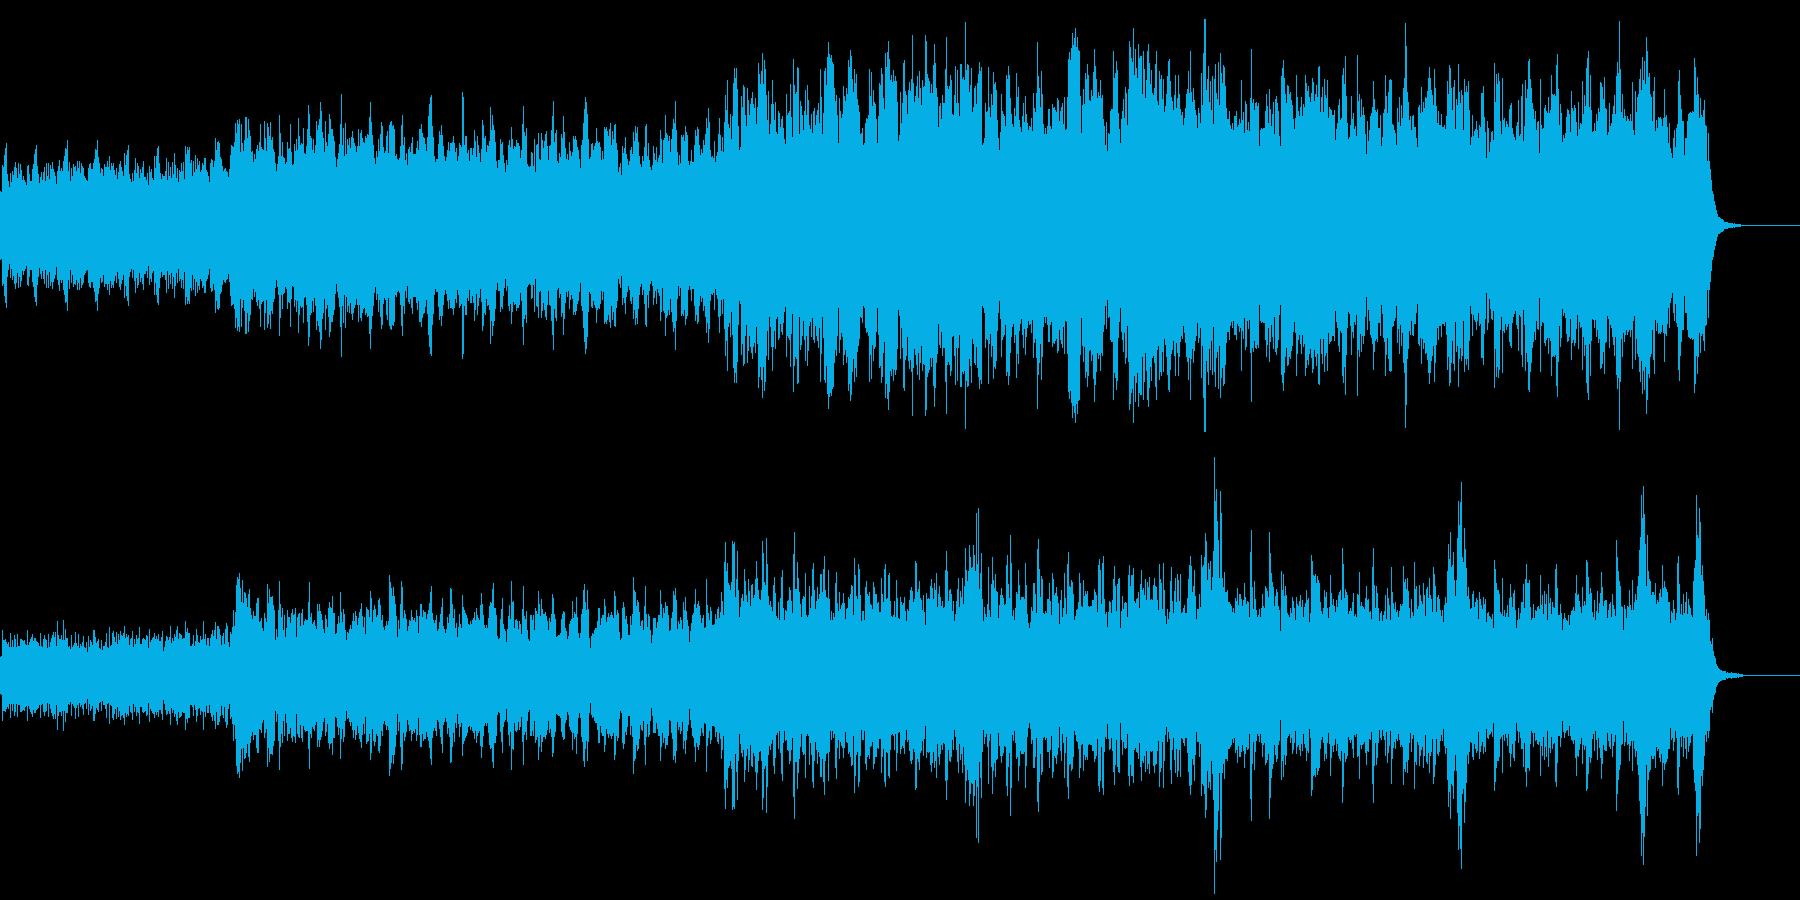 春っぽいオーケストラ曲の再生済みの波形